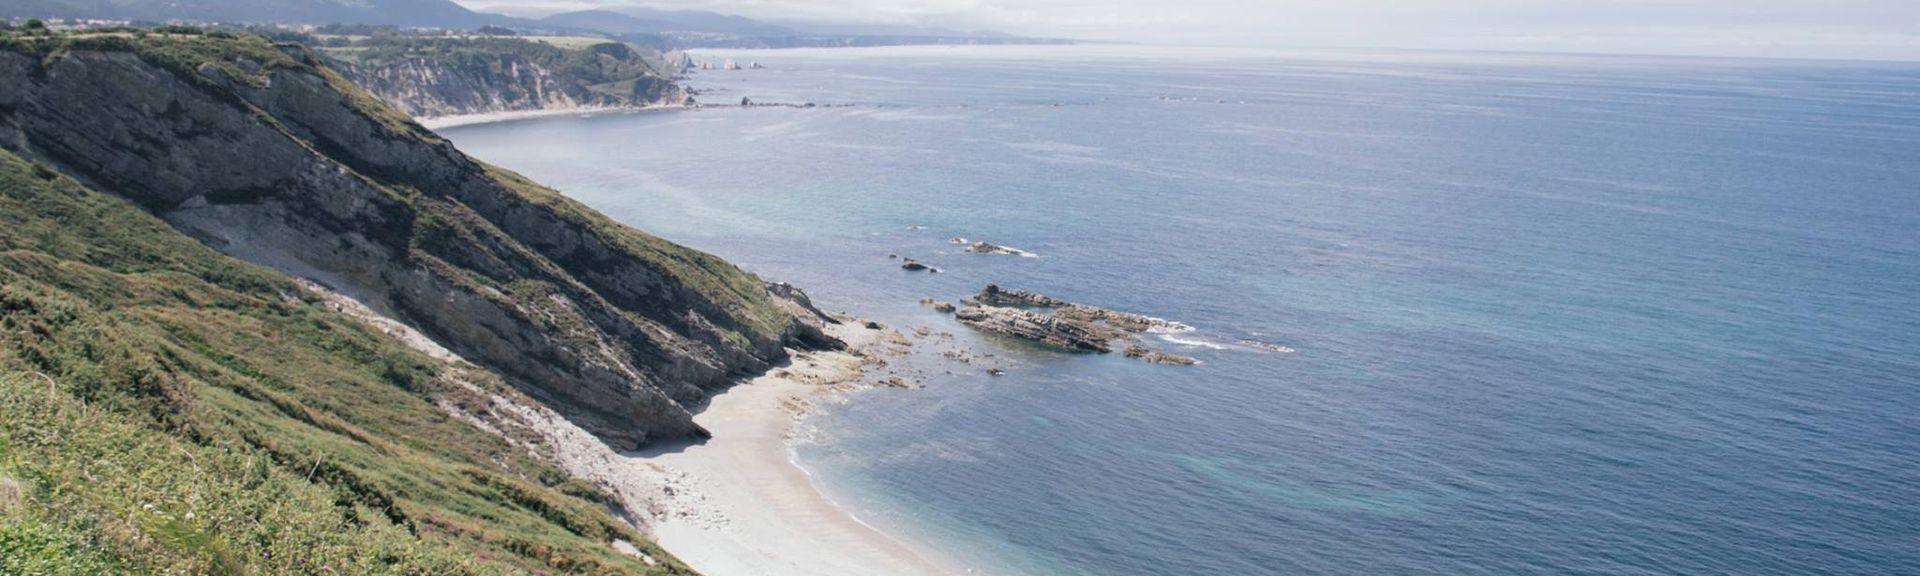 Illas, Asturias, Spain